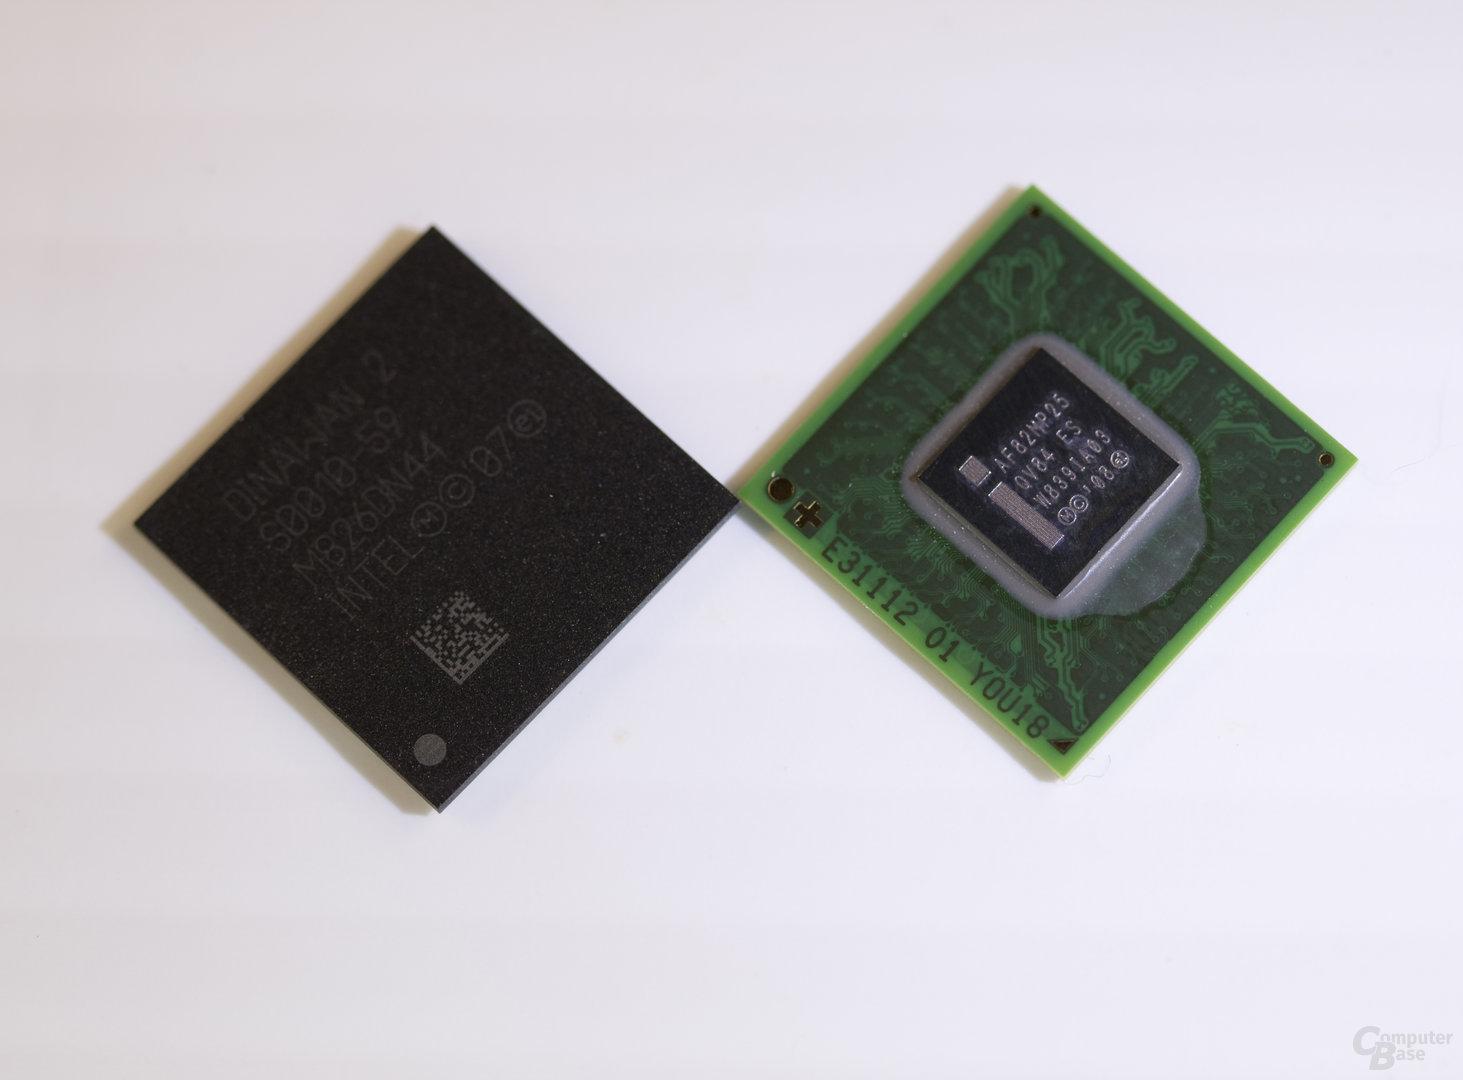 Intel Atom Z600 (rechts) und Platform Controller Hub